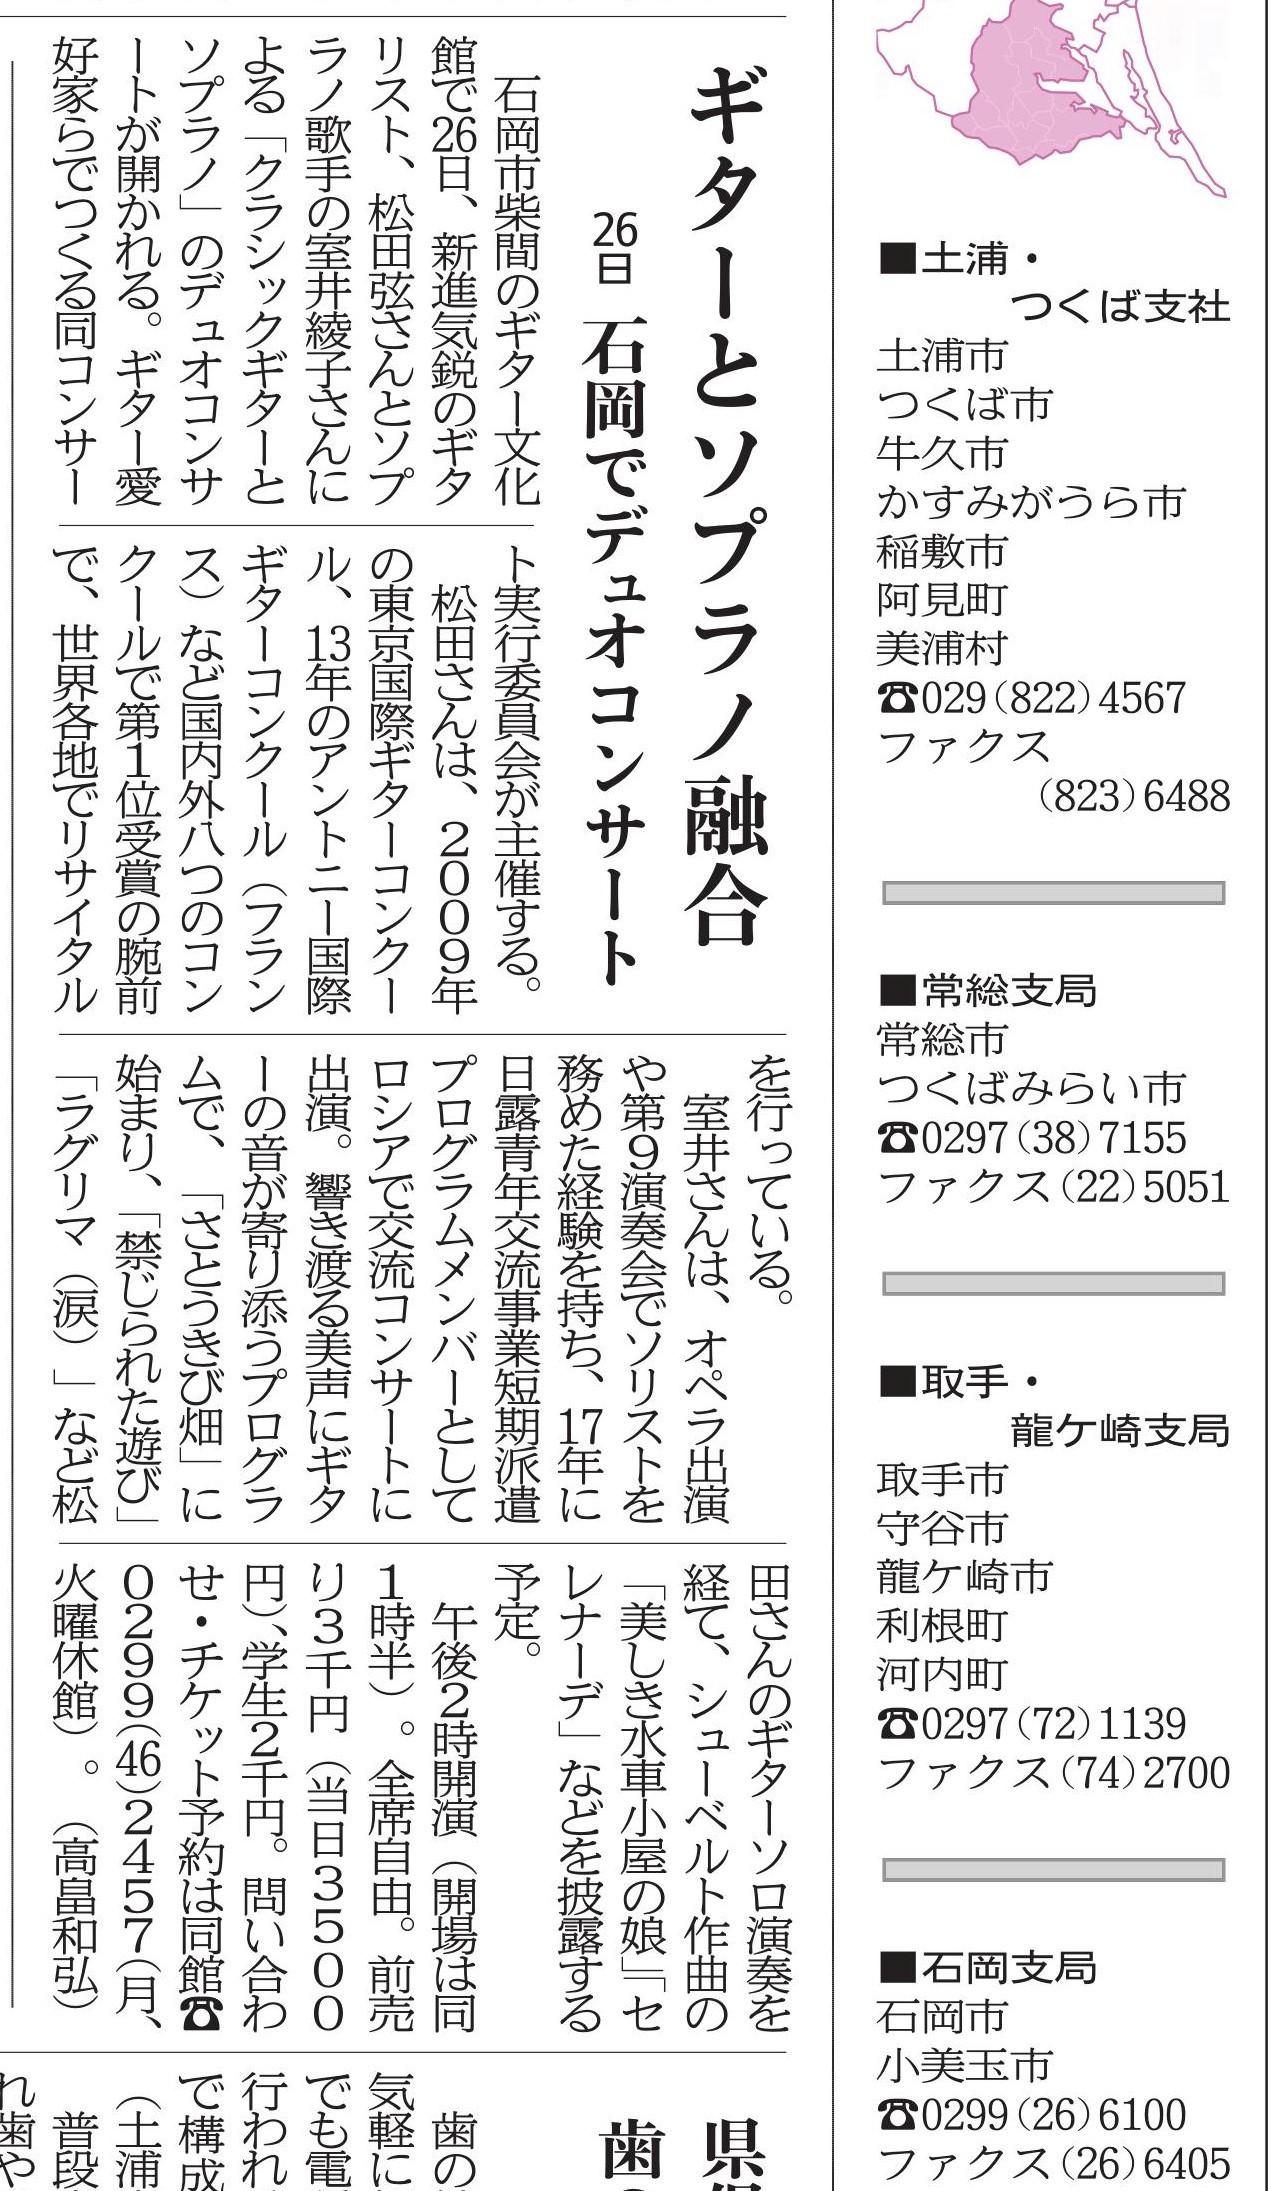 松田&室井記事